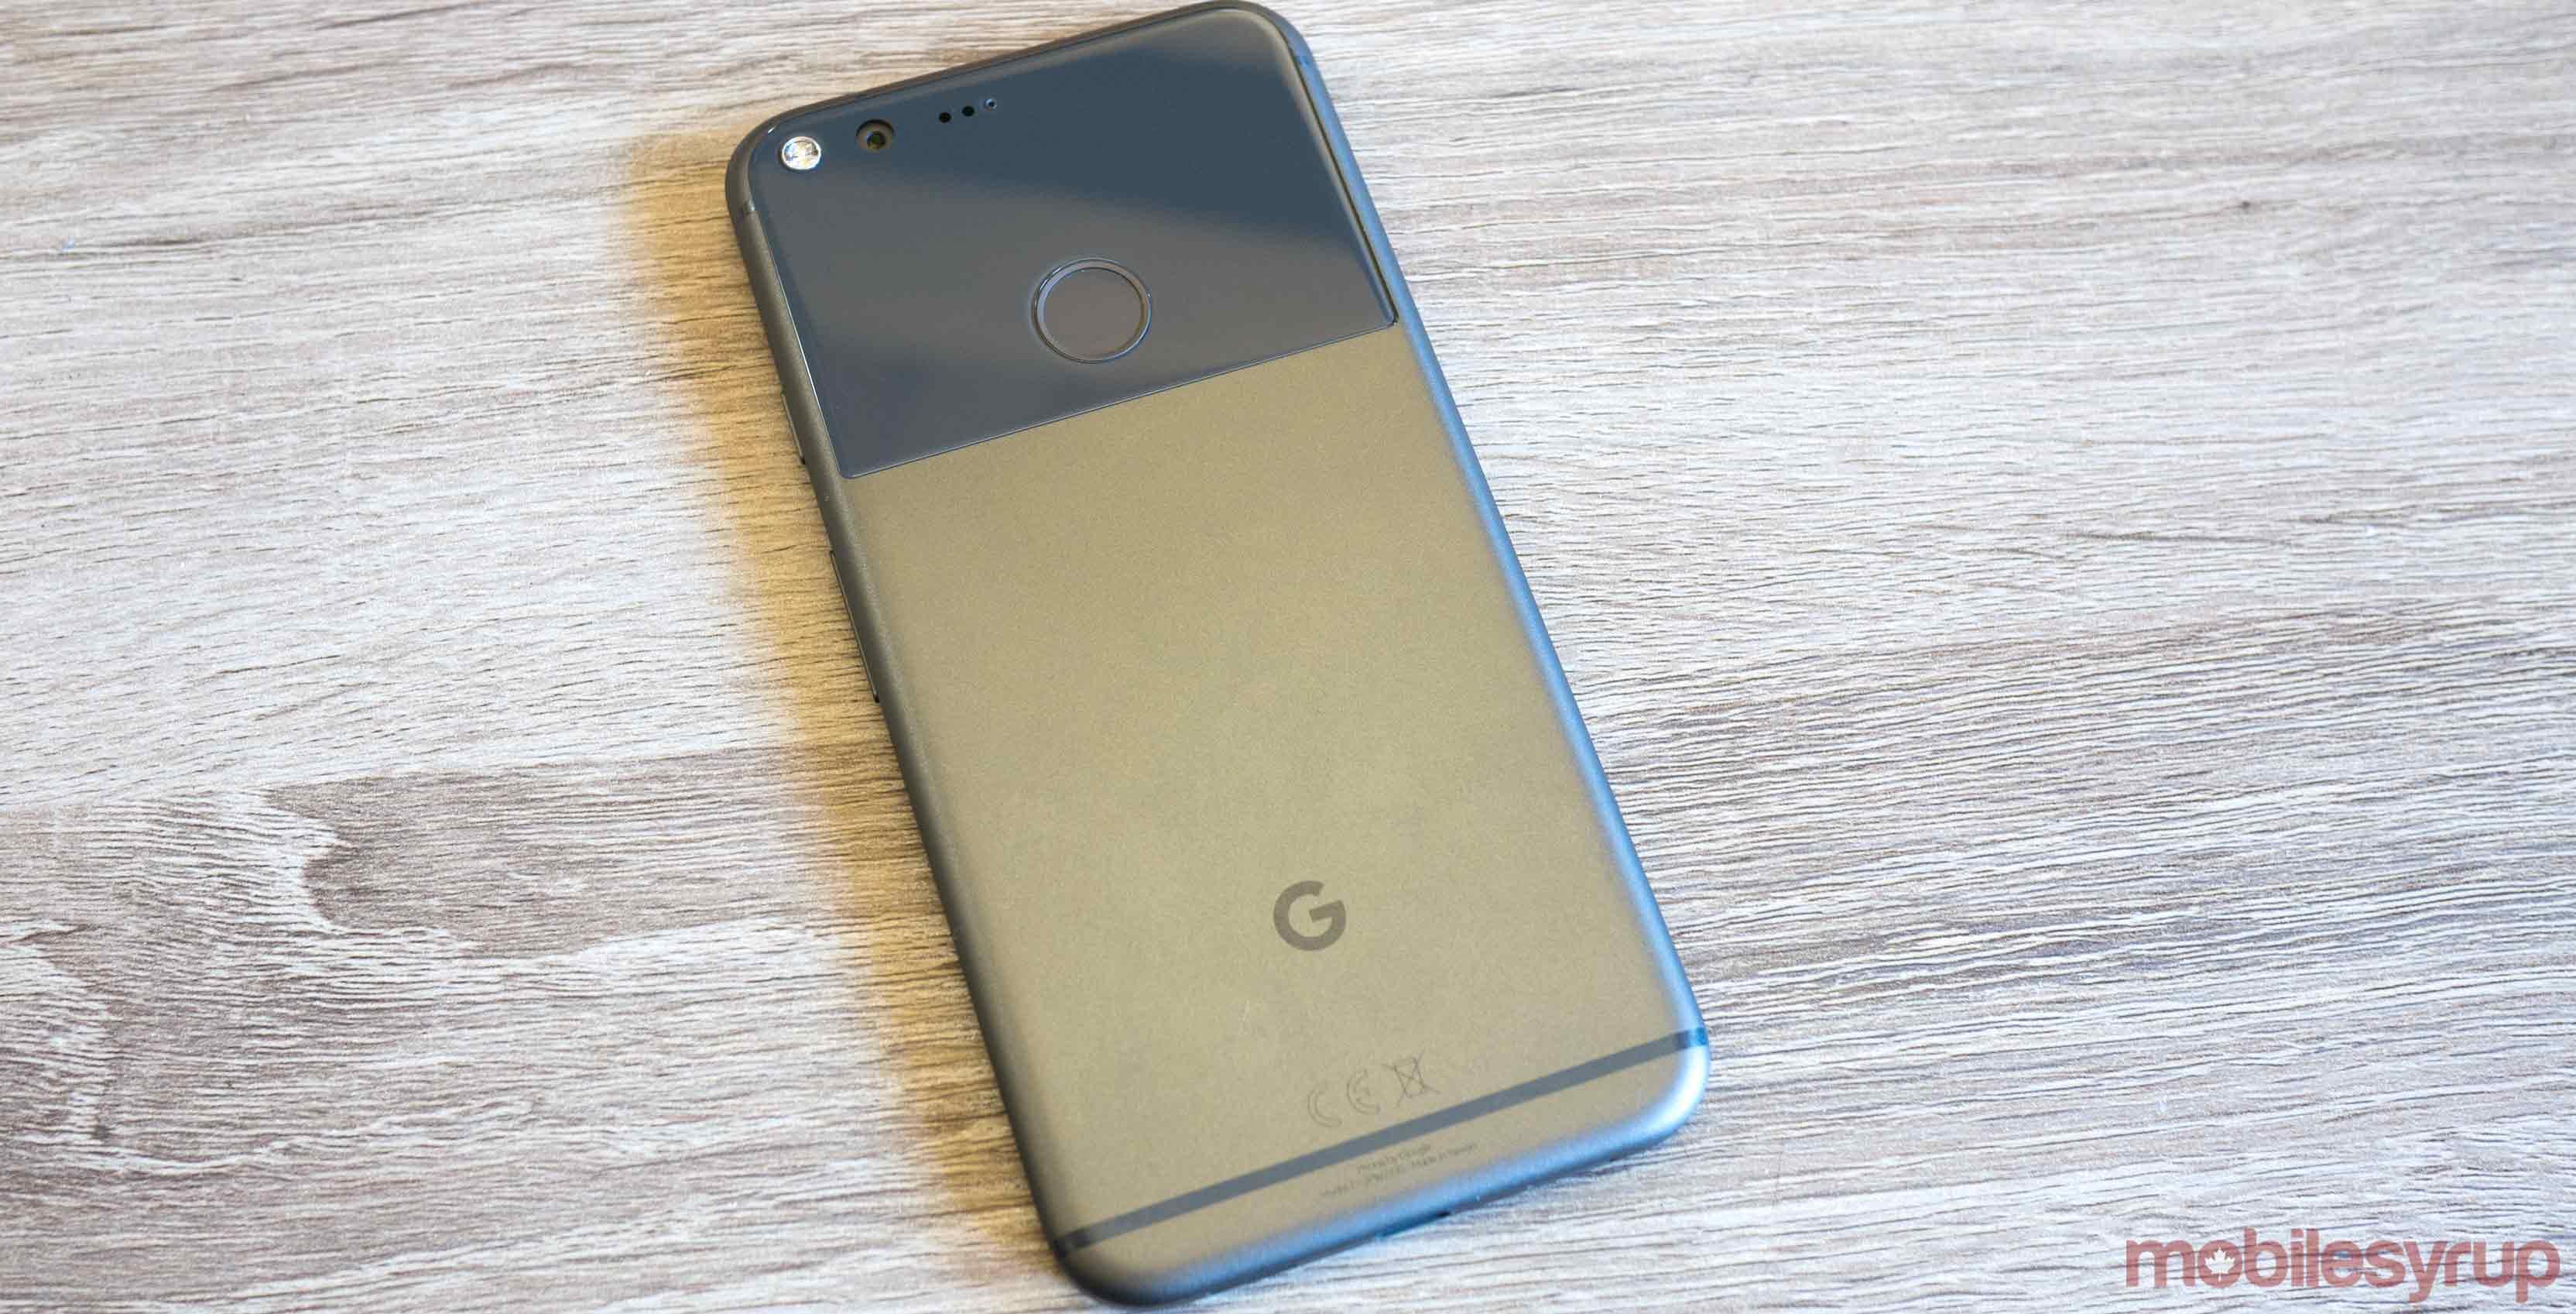 Pixel smartphone on desk